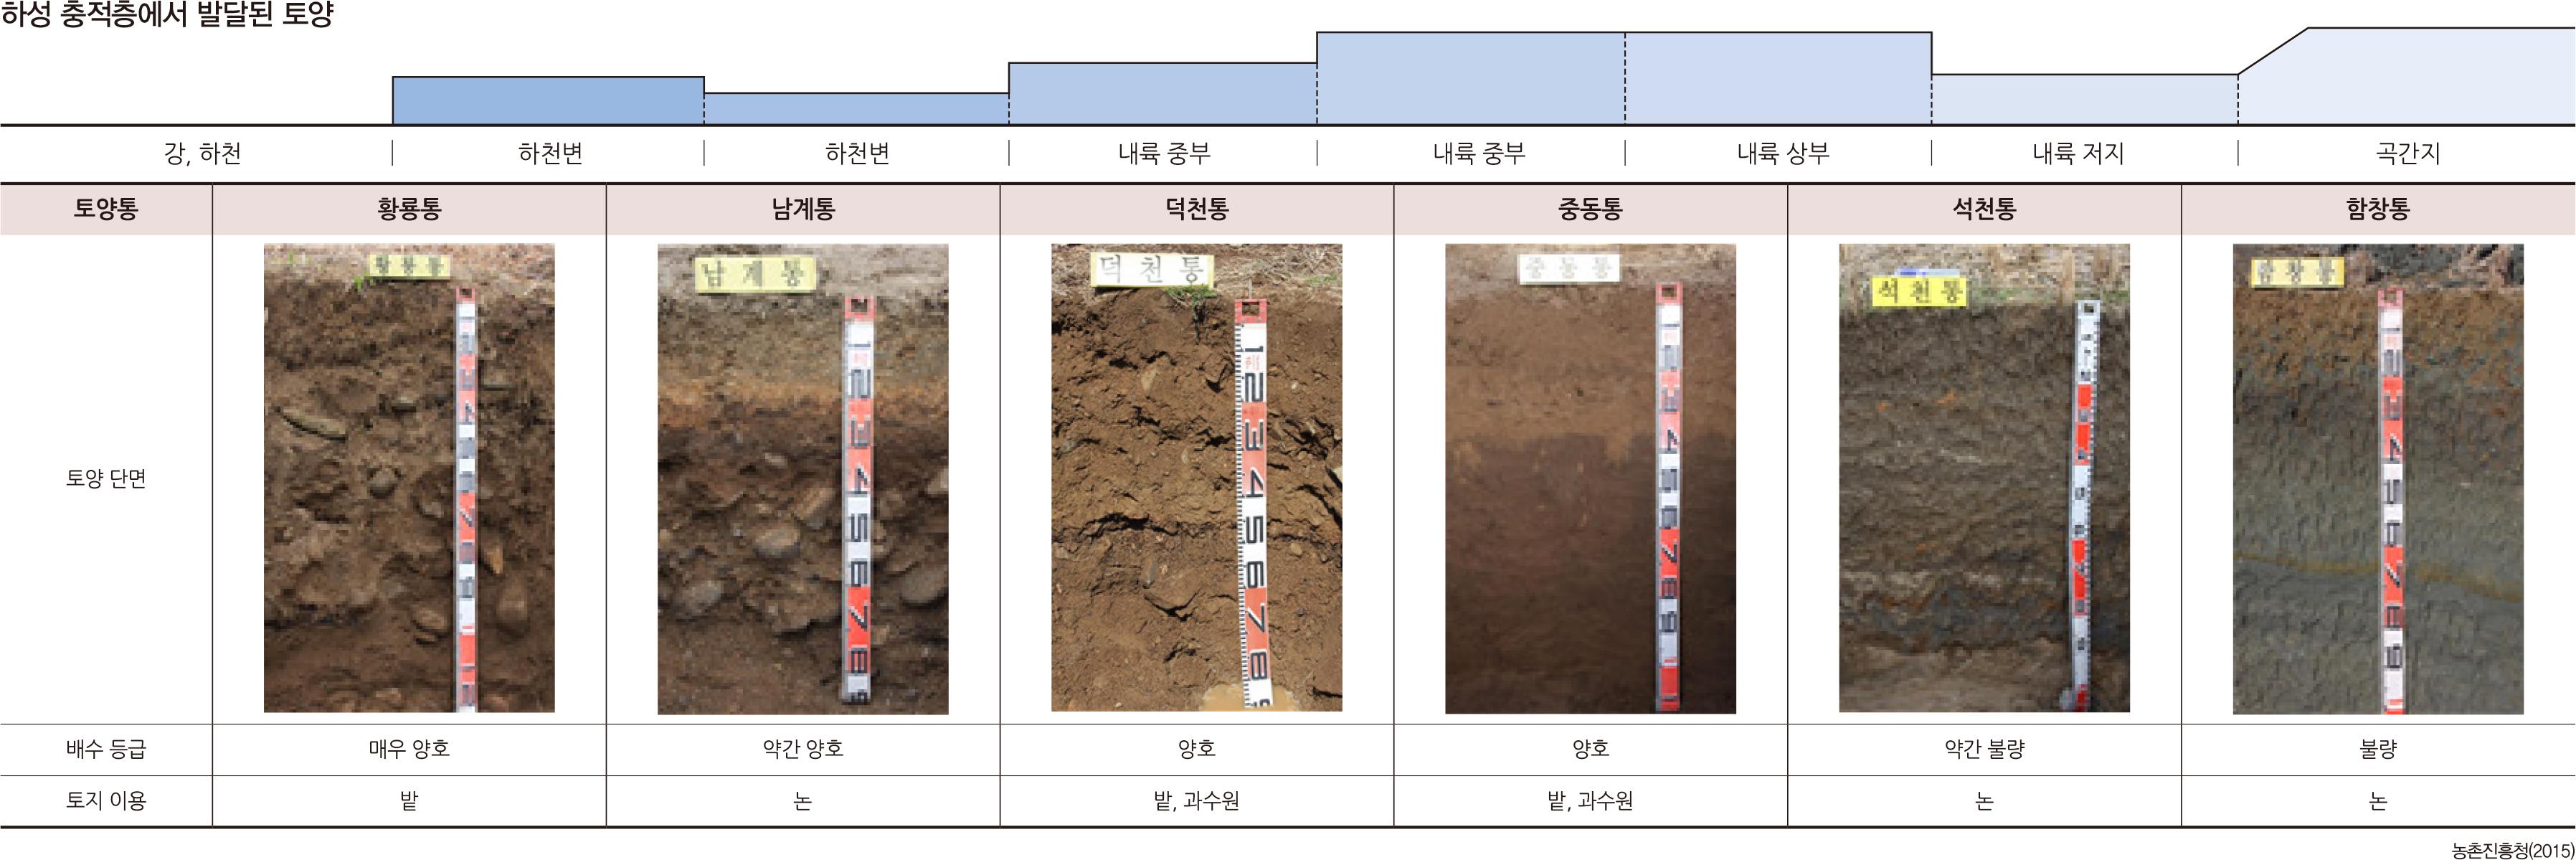 하성 충적층에서 발달된 토양